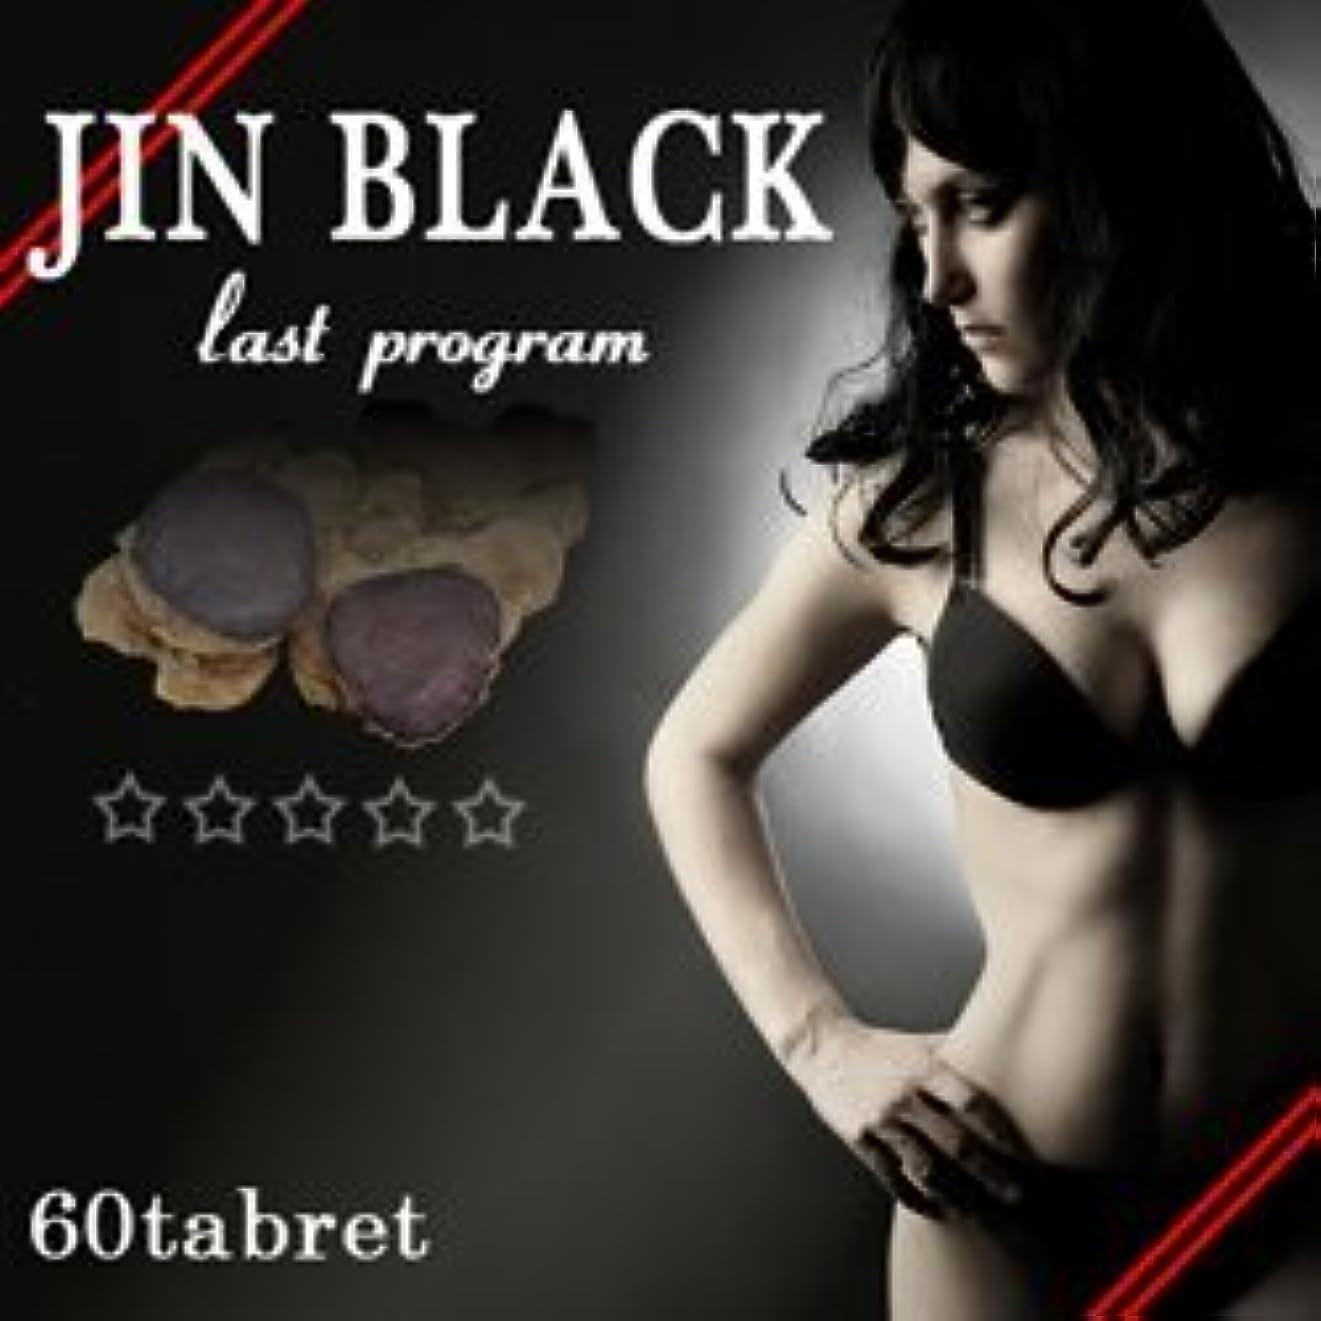 ジンブラック ダイエットサプリ (3)